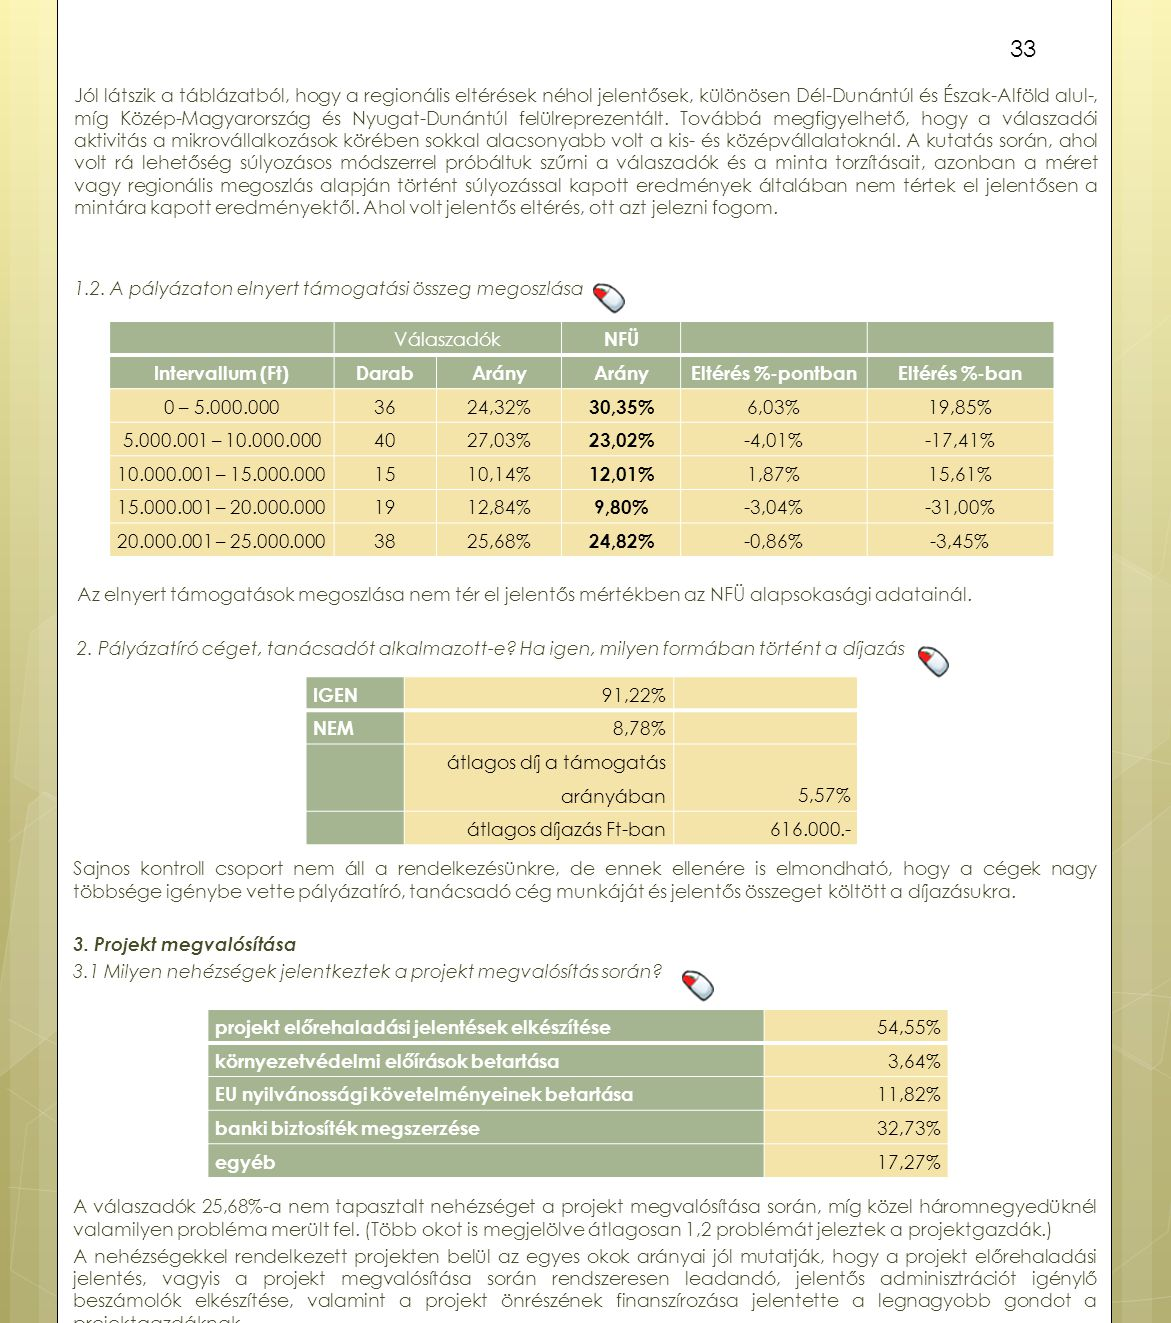 Az elnyert támogatások megoszlása nem tér el jelentős mértékben az NFÜ alapsokasági adatainál. 2. Pályázatíró céget, tanácsadót alkalmazott-e? Ha igen